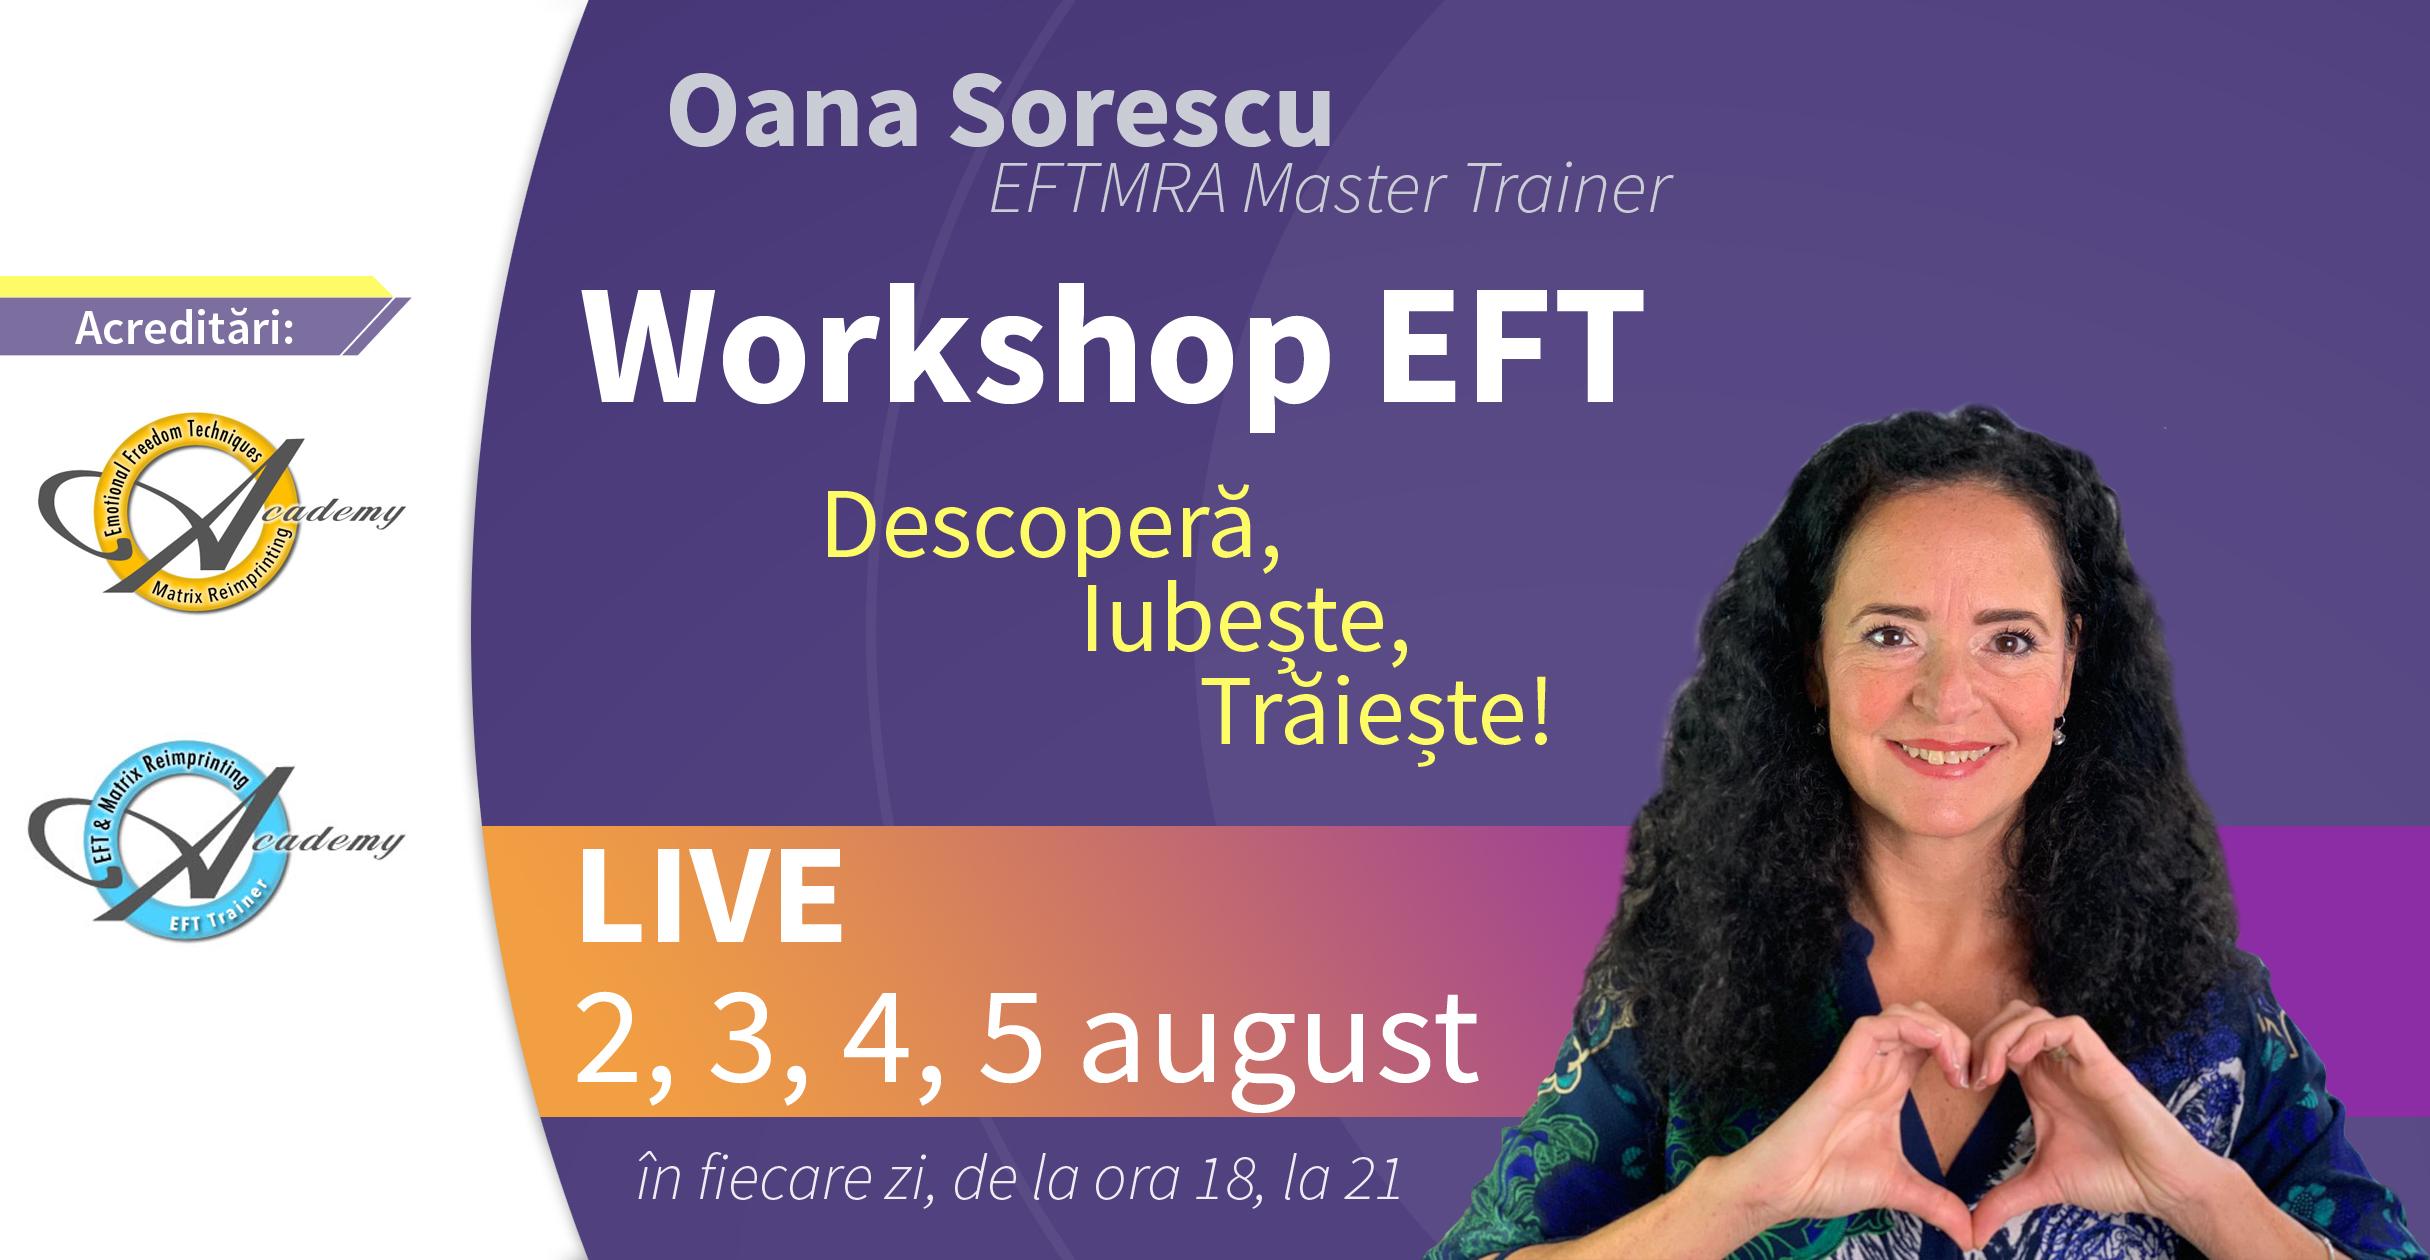 workshop EFT Oana Sorescu